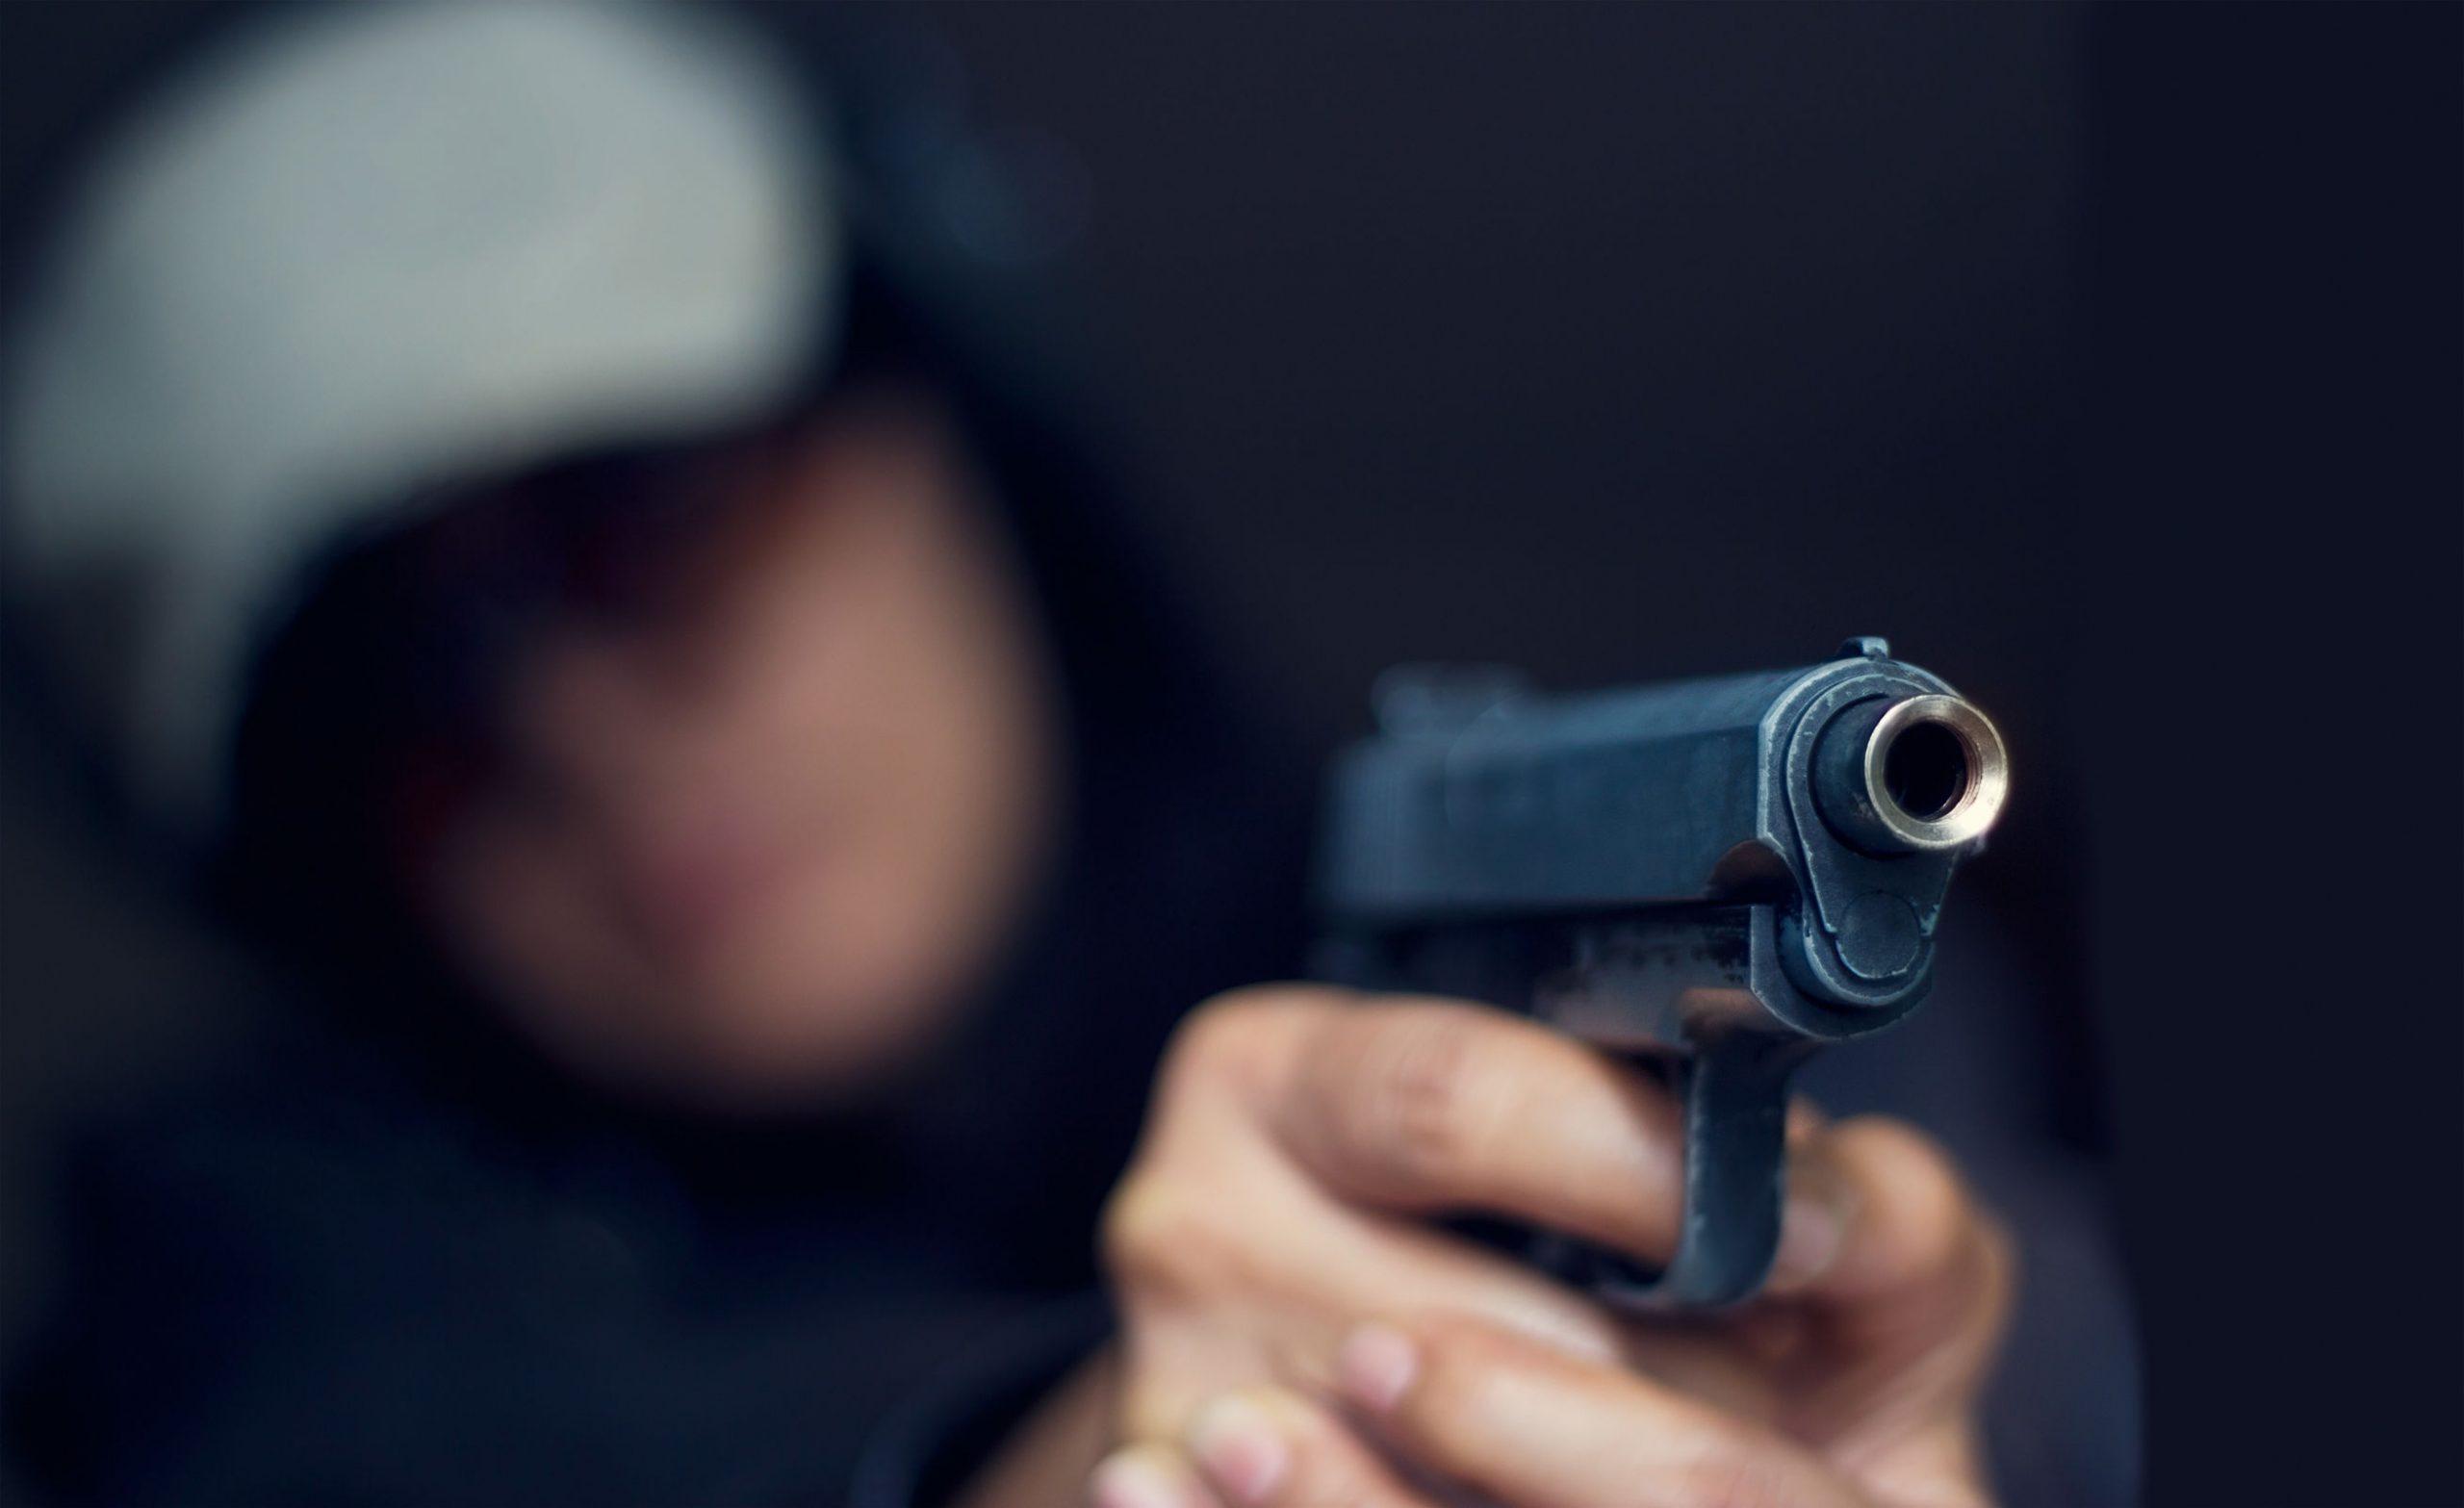 Waffentasche: Test & Empfehlungen (02/20)